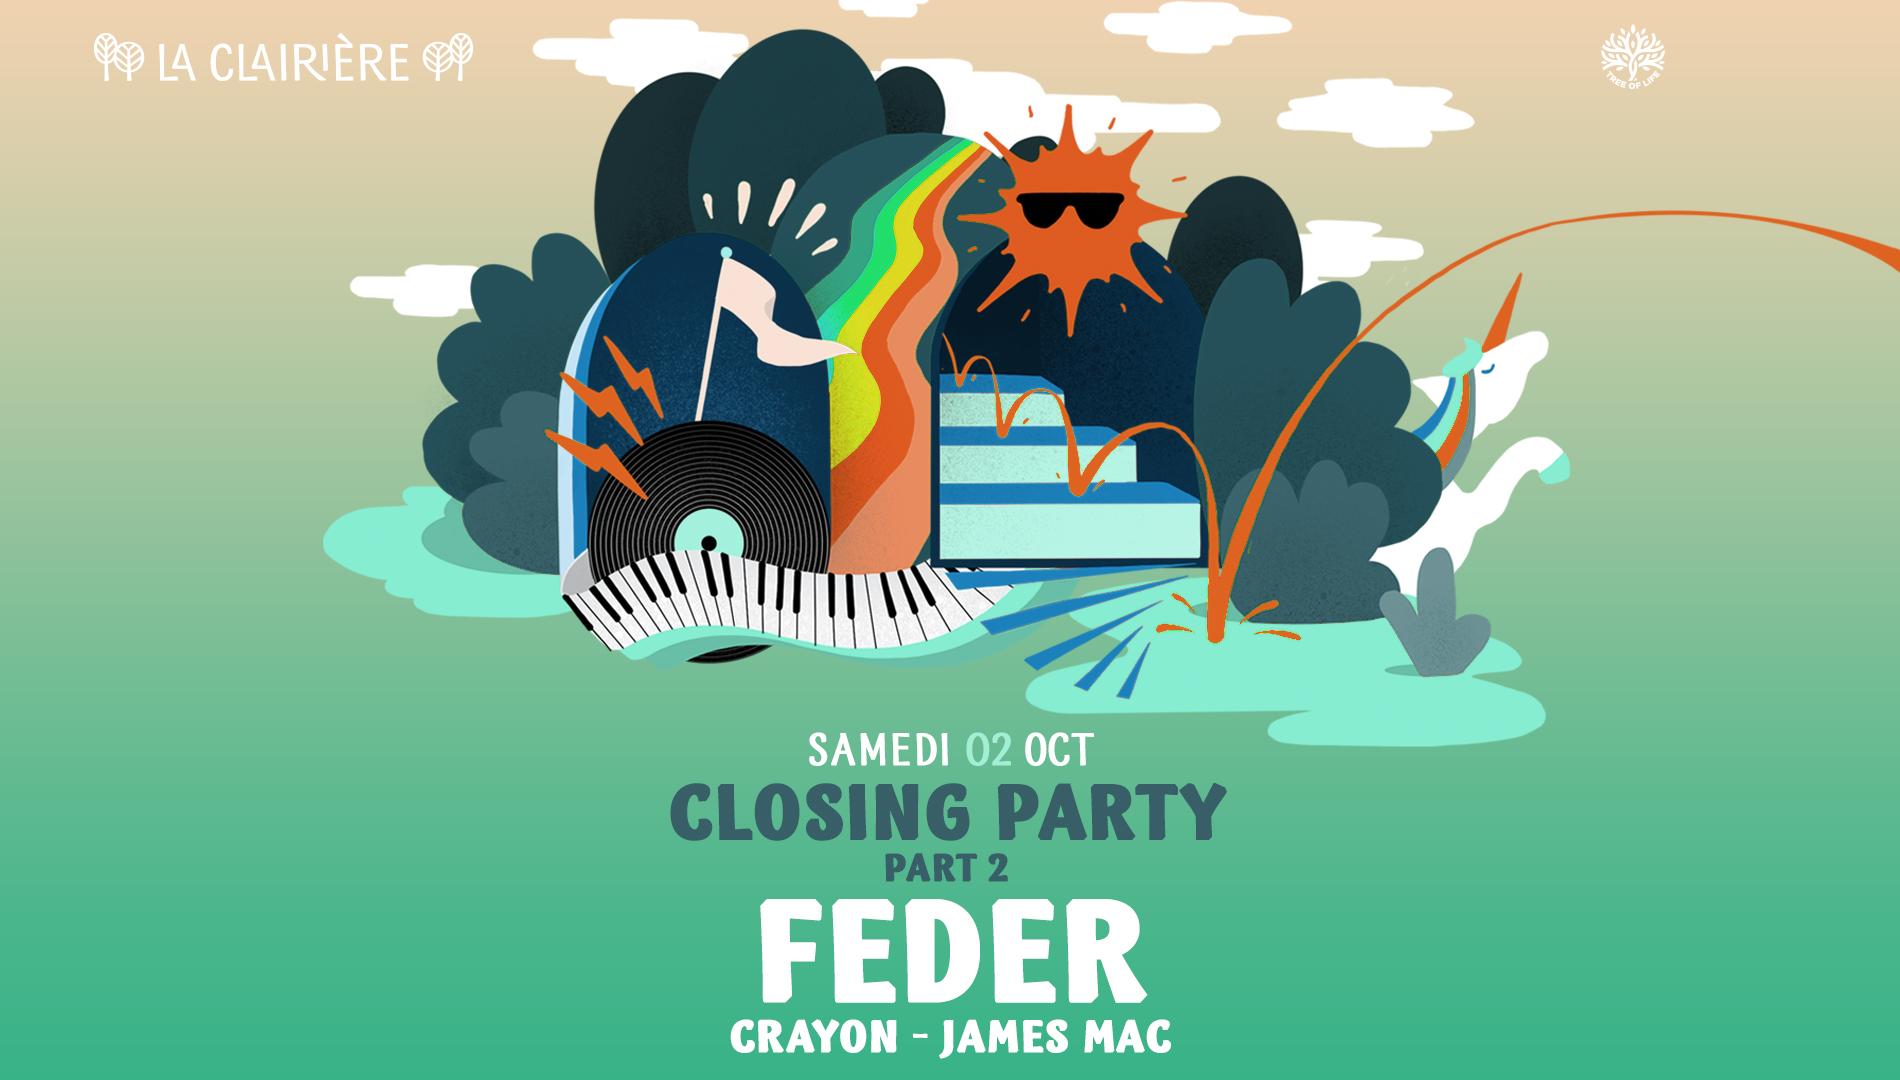 La Clairière Closing Party : FEDER